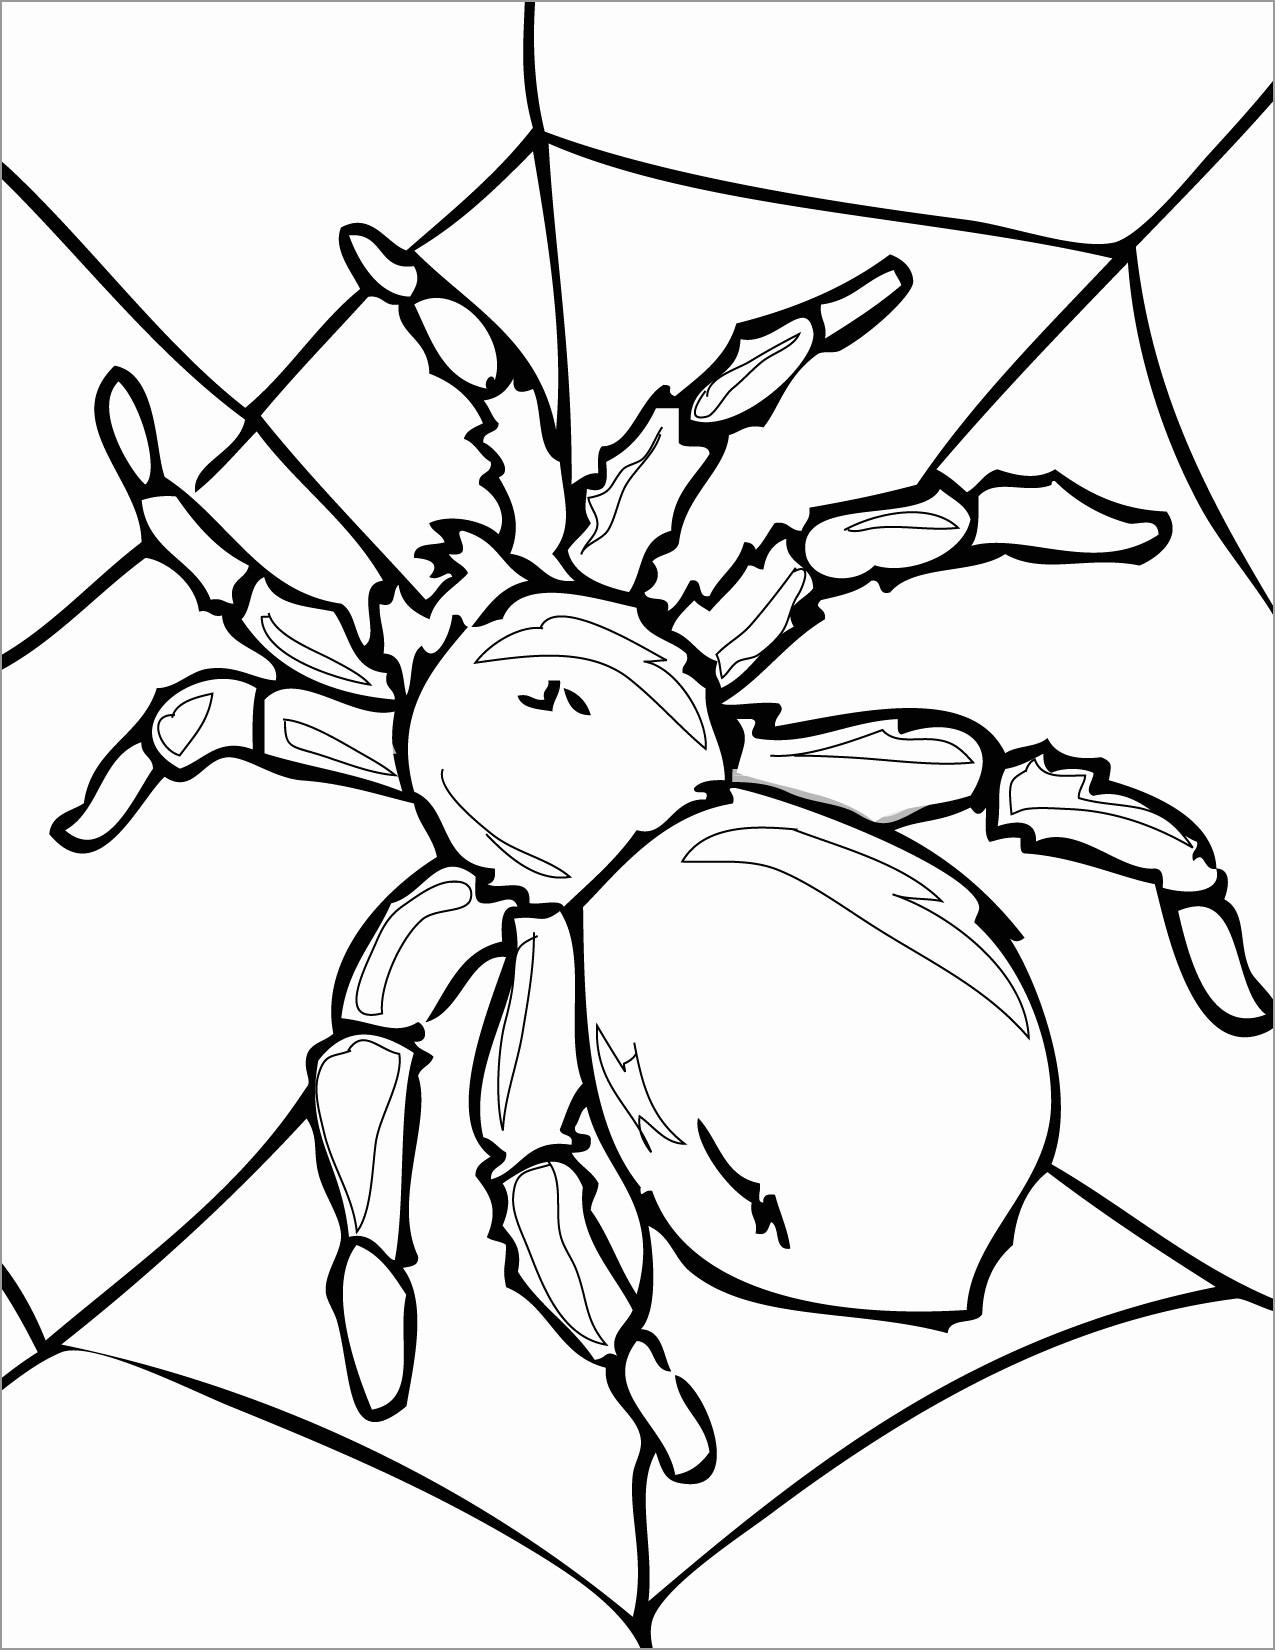 Tarantula Coloring Page to Print